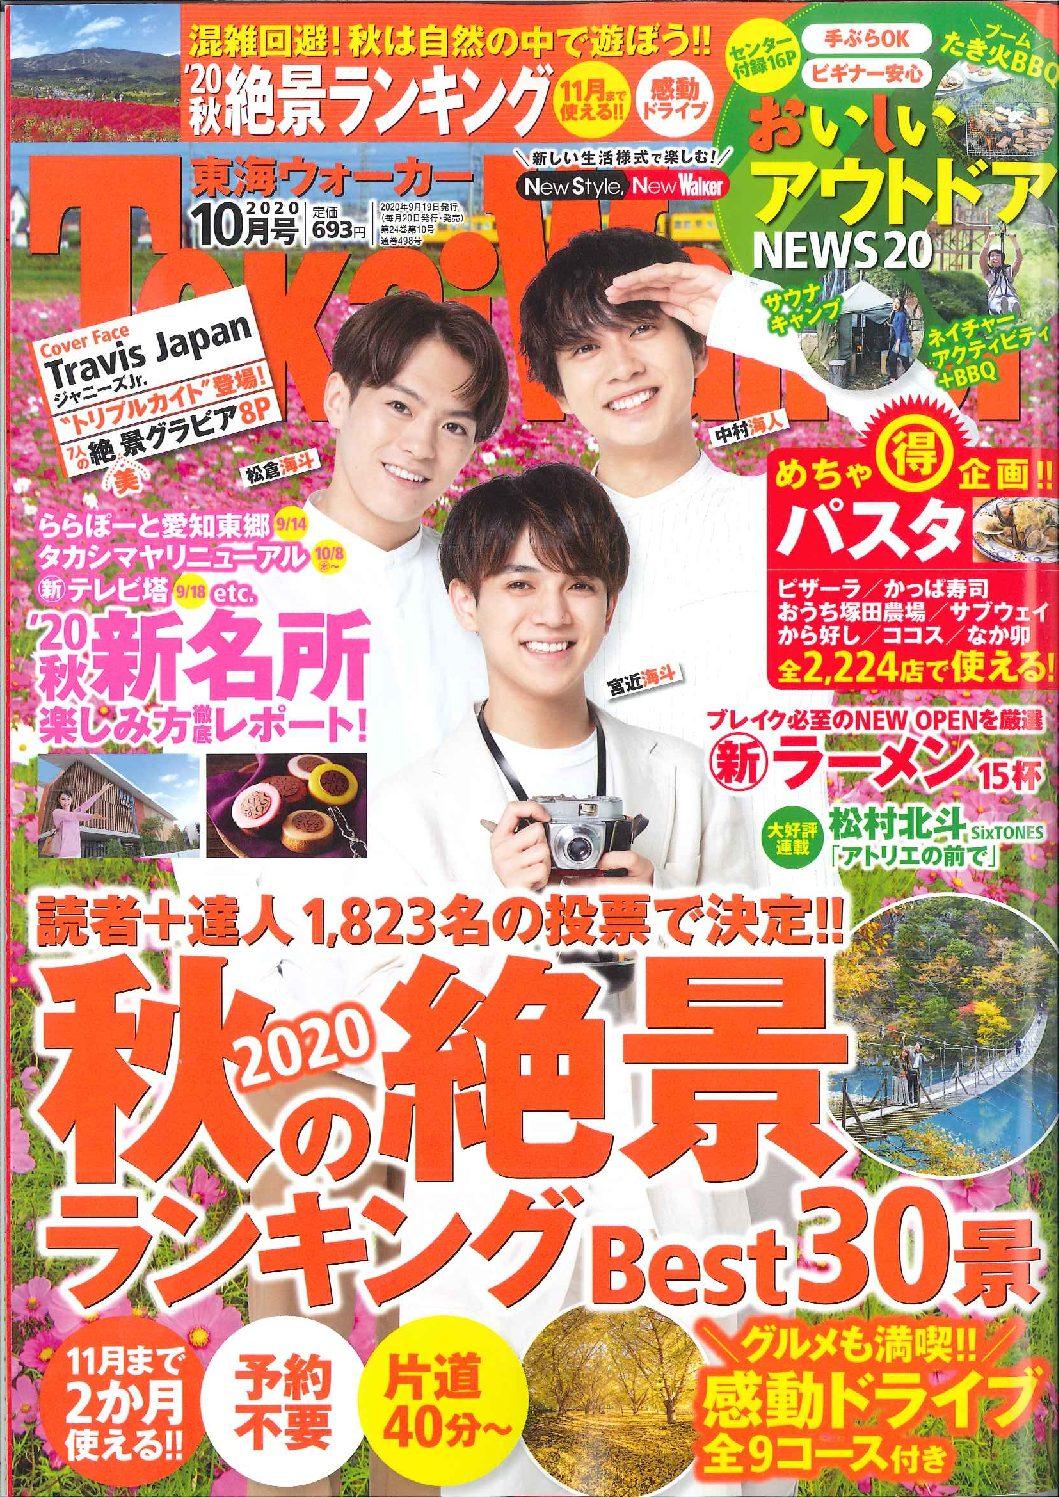 「東海ウォーカー2020」10月号にてKADODE OOIGAWA(かどでおおいがわ)が紹介されました。